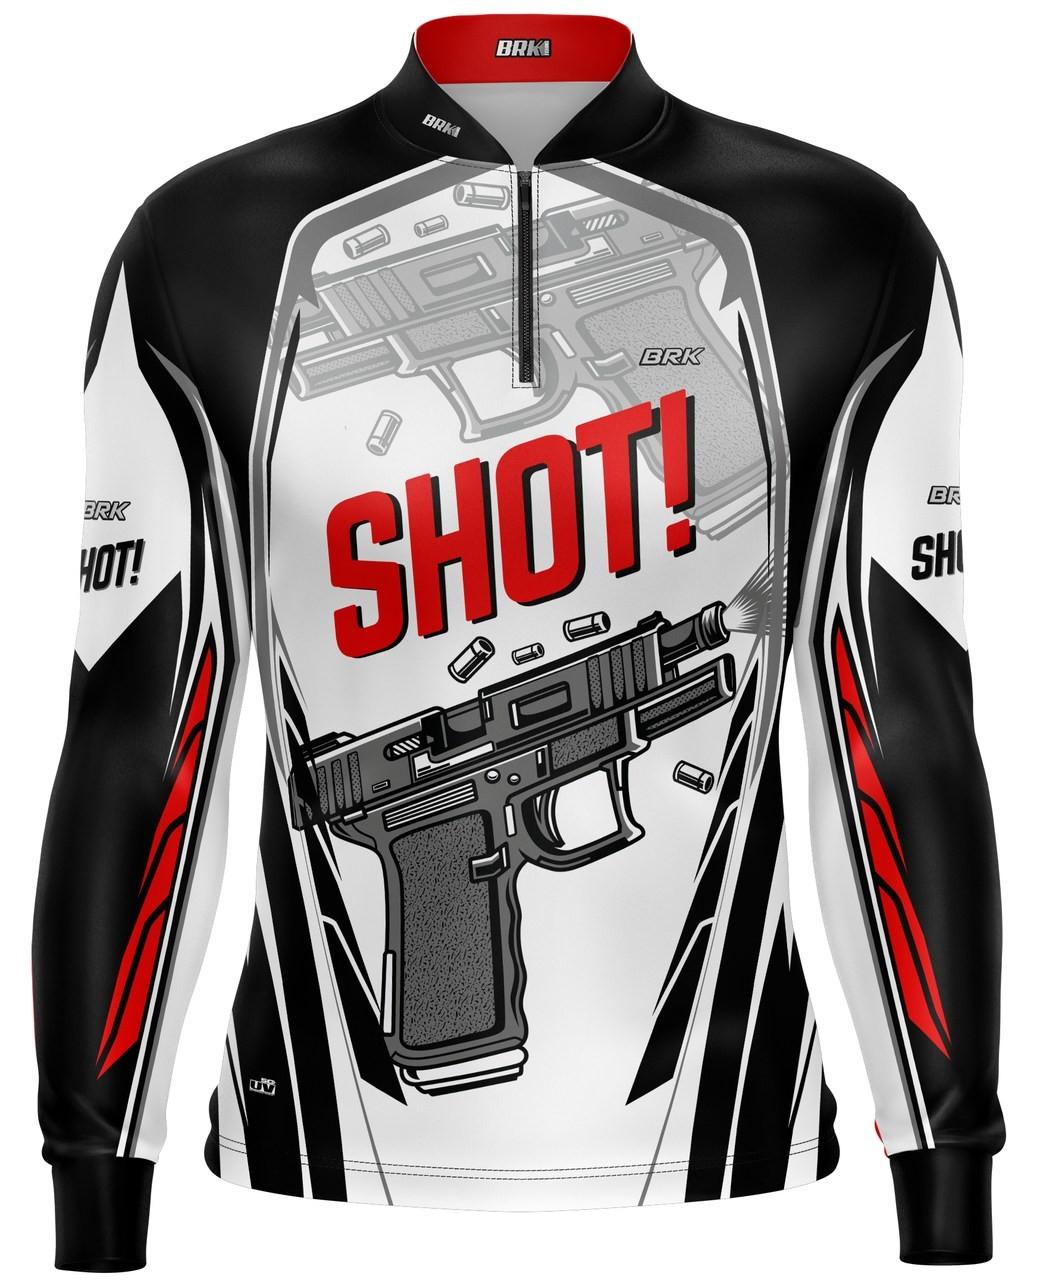 Camisa Tiro Esportivo Brk Shot Branca com FPU 50+